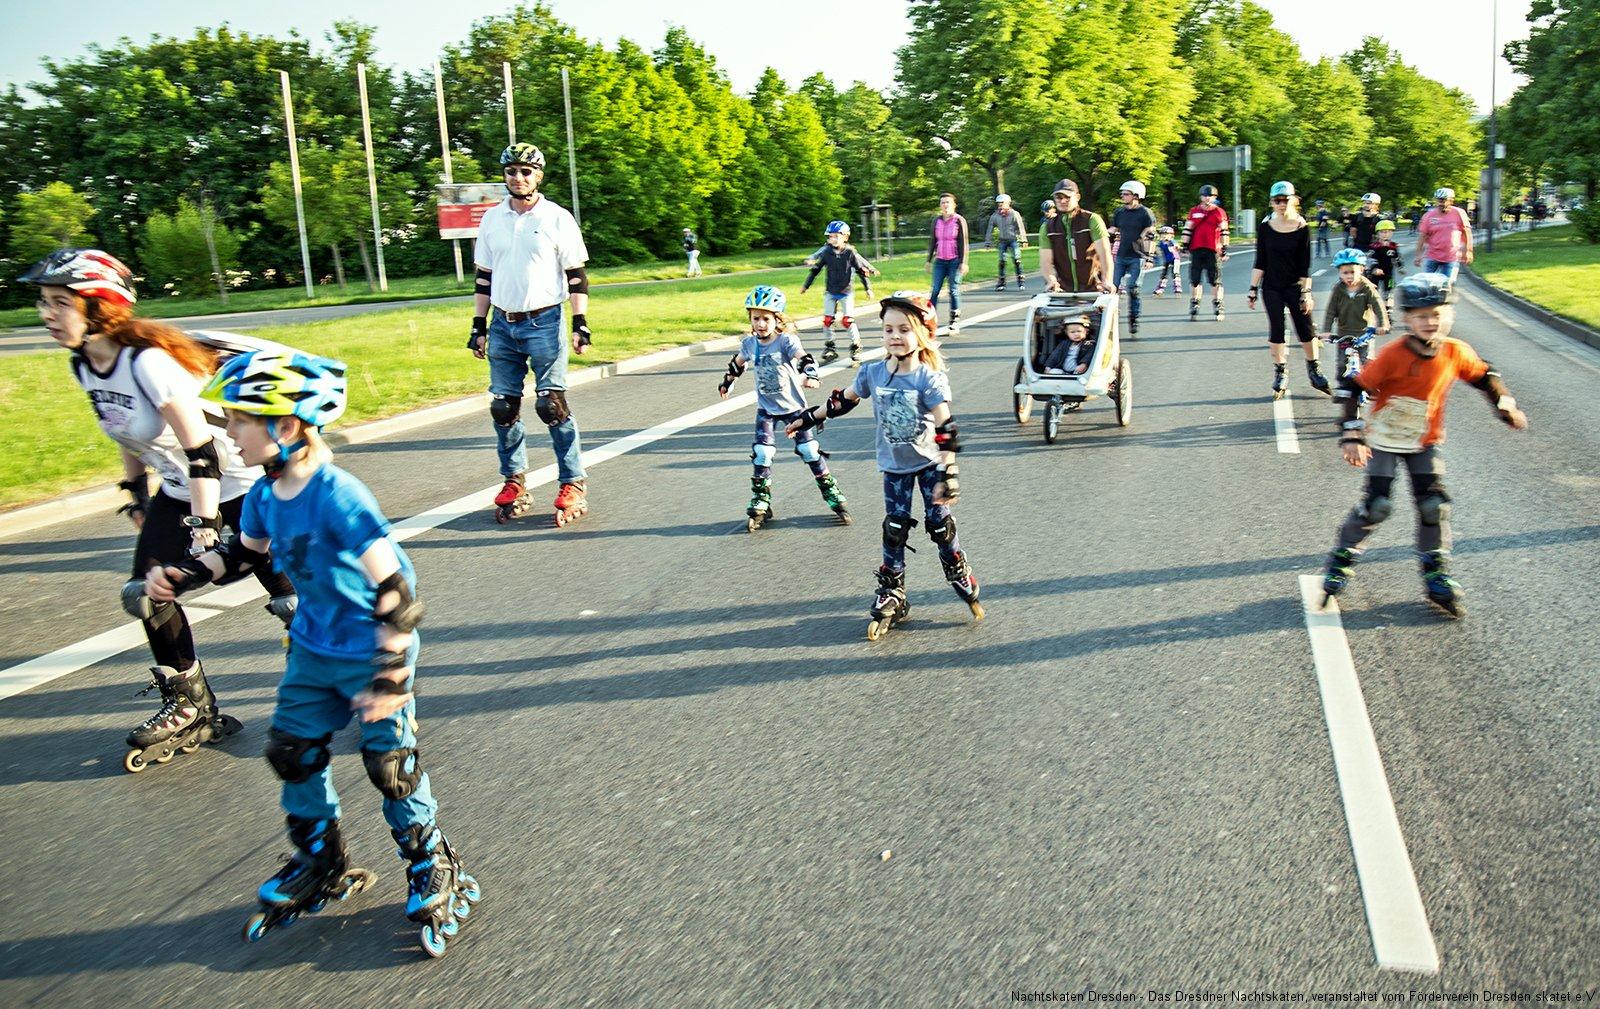 IMG_6134_niesar_2018_05_04dresdner_nachtskaten_kinderskaten